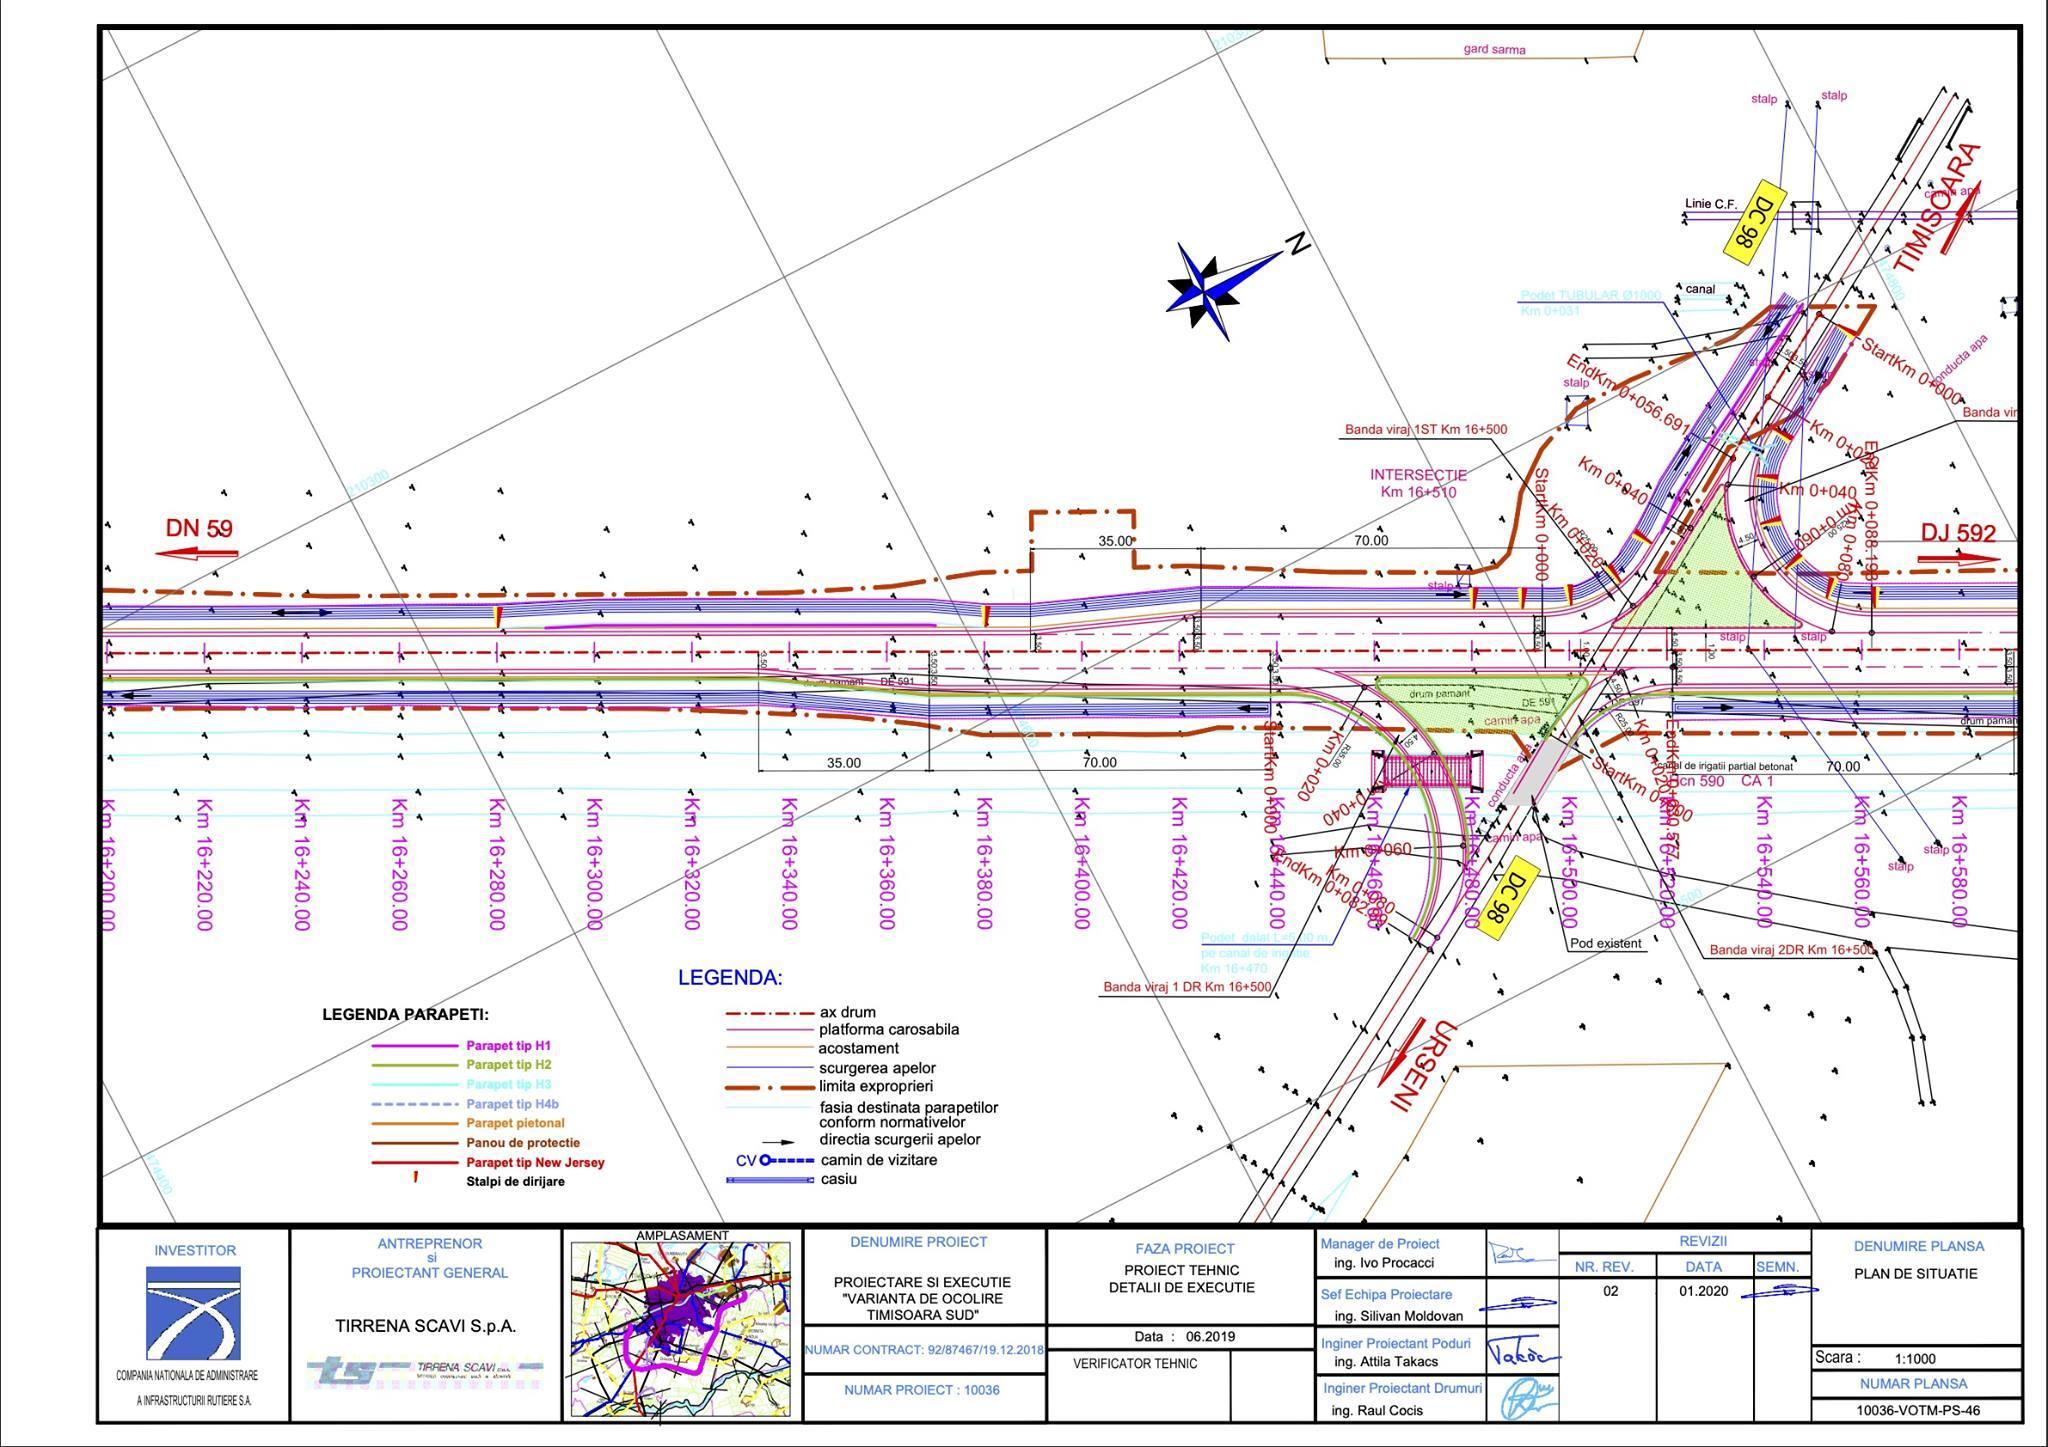 Asociaţia Pro Infrastructură reclamă că centura Timişoara Sud va tăia un drum de acces către Urseni: Deplasarea Urseni-Timişoara dus-întors va fi cu 3,6 km mai lungă şi se va face pe rute diferite la dus şi la întors